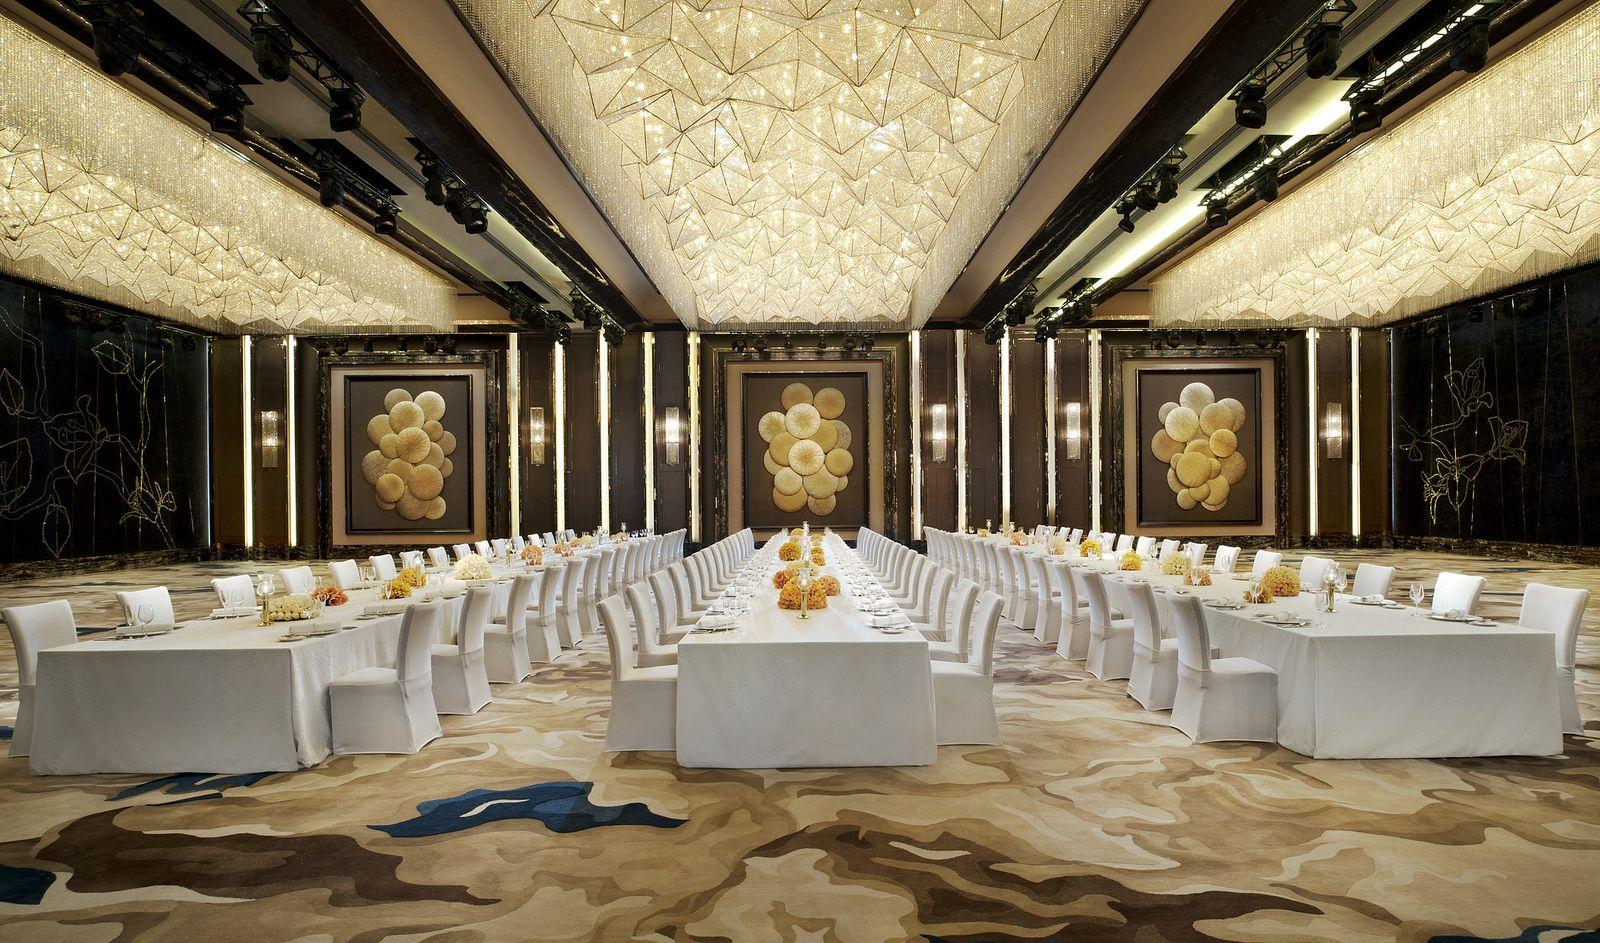 St. Regis Shenzhen Grand Ballroom - Dinner Setup In